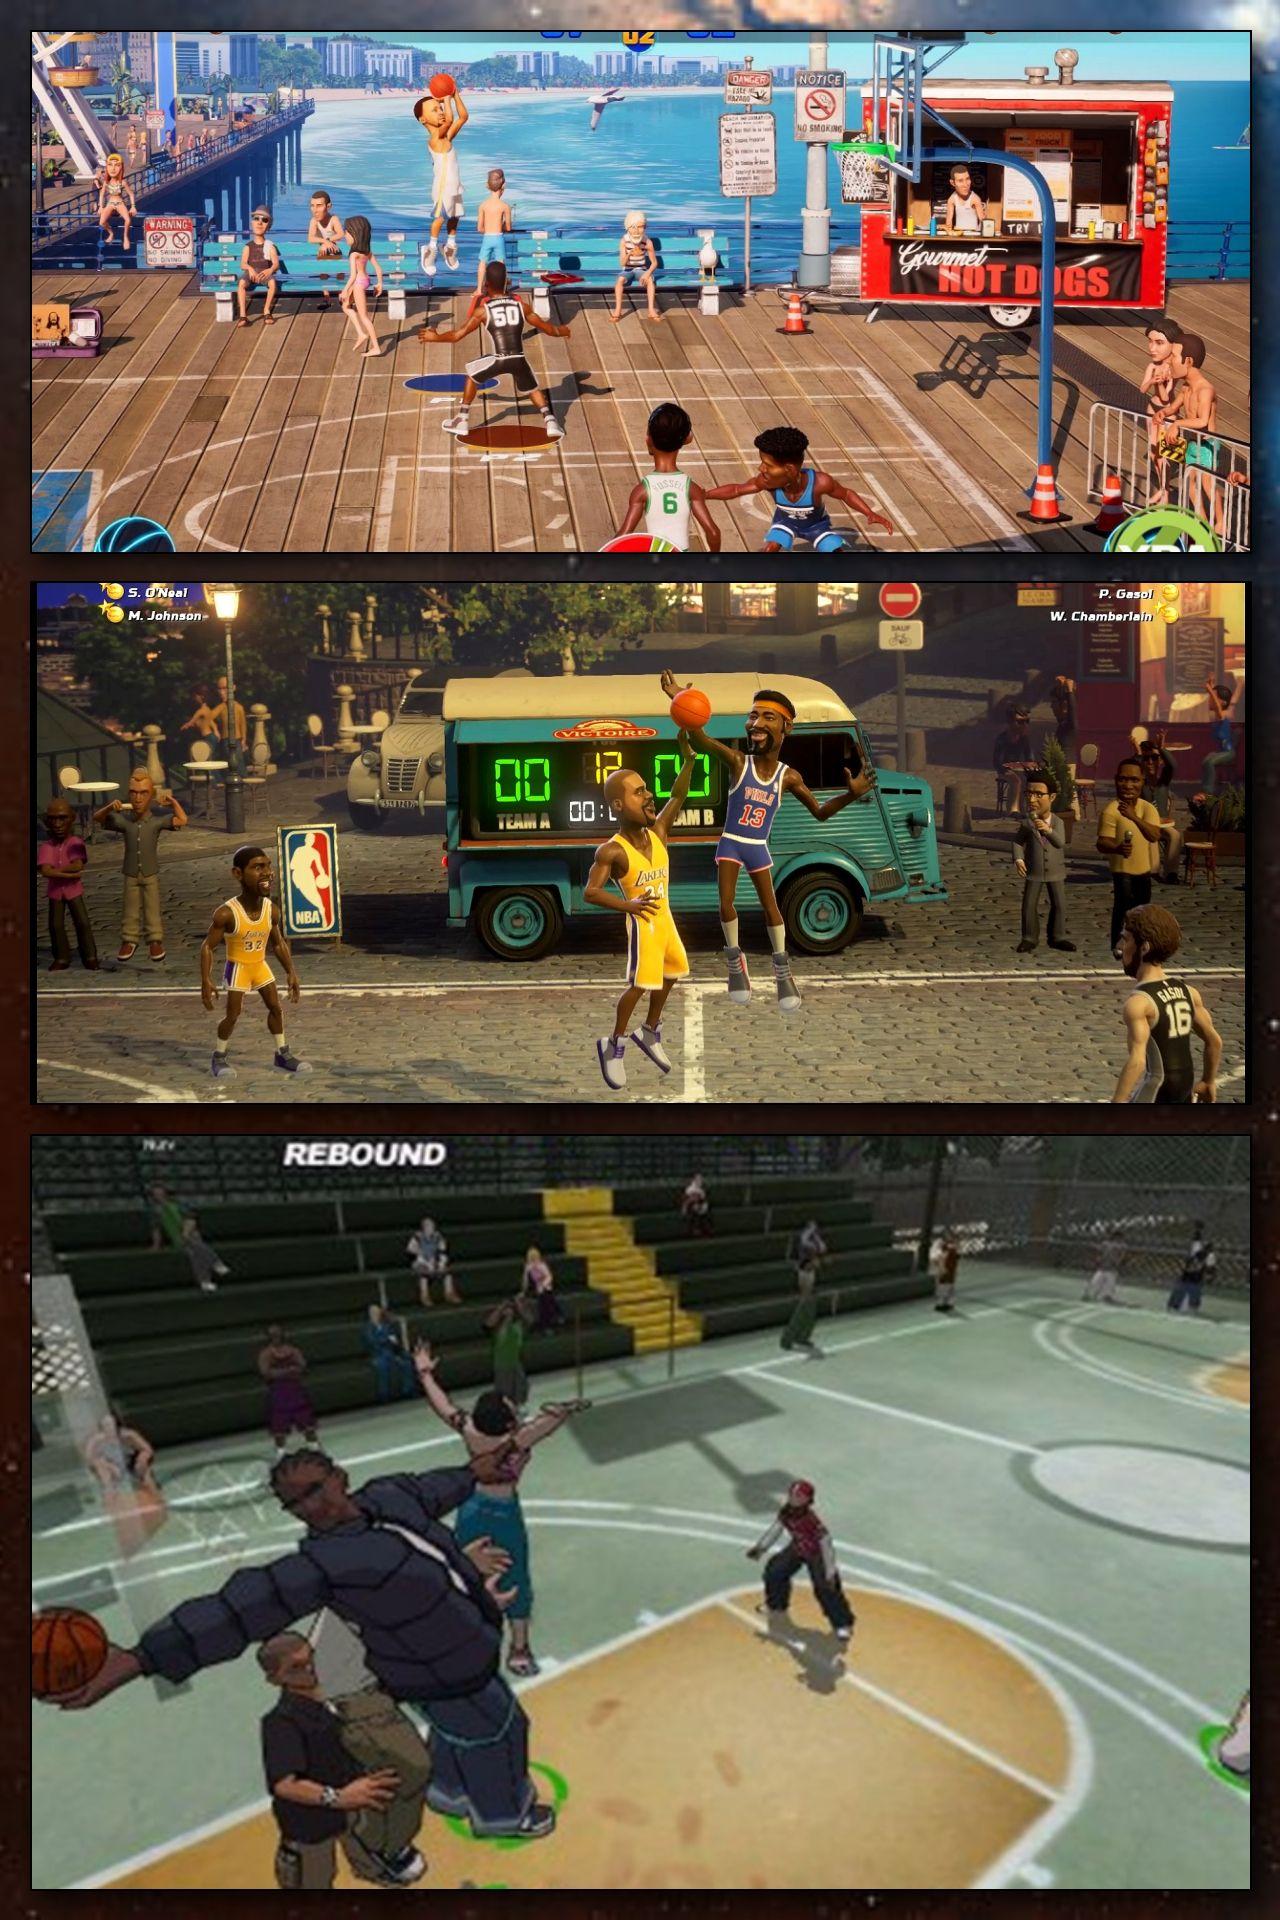 En Guzel 20 Basketbol Pc Oyunu Basketbol Basketbolcular Oyun